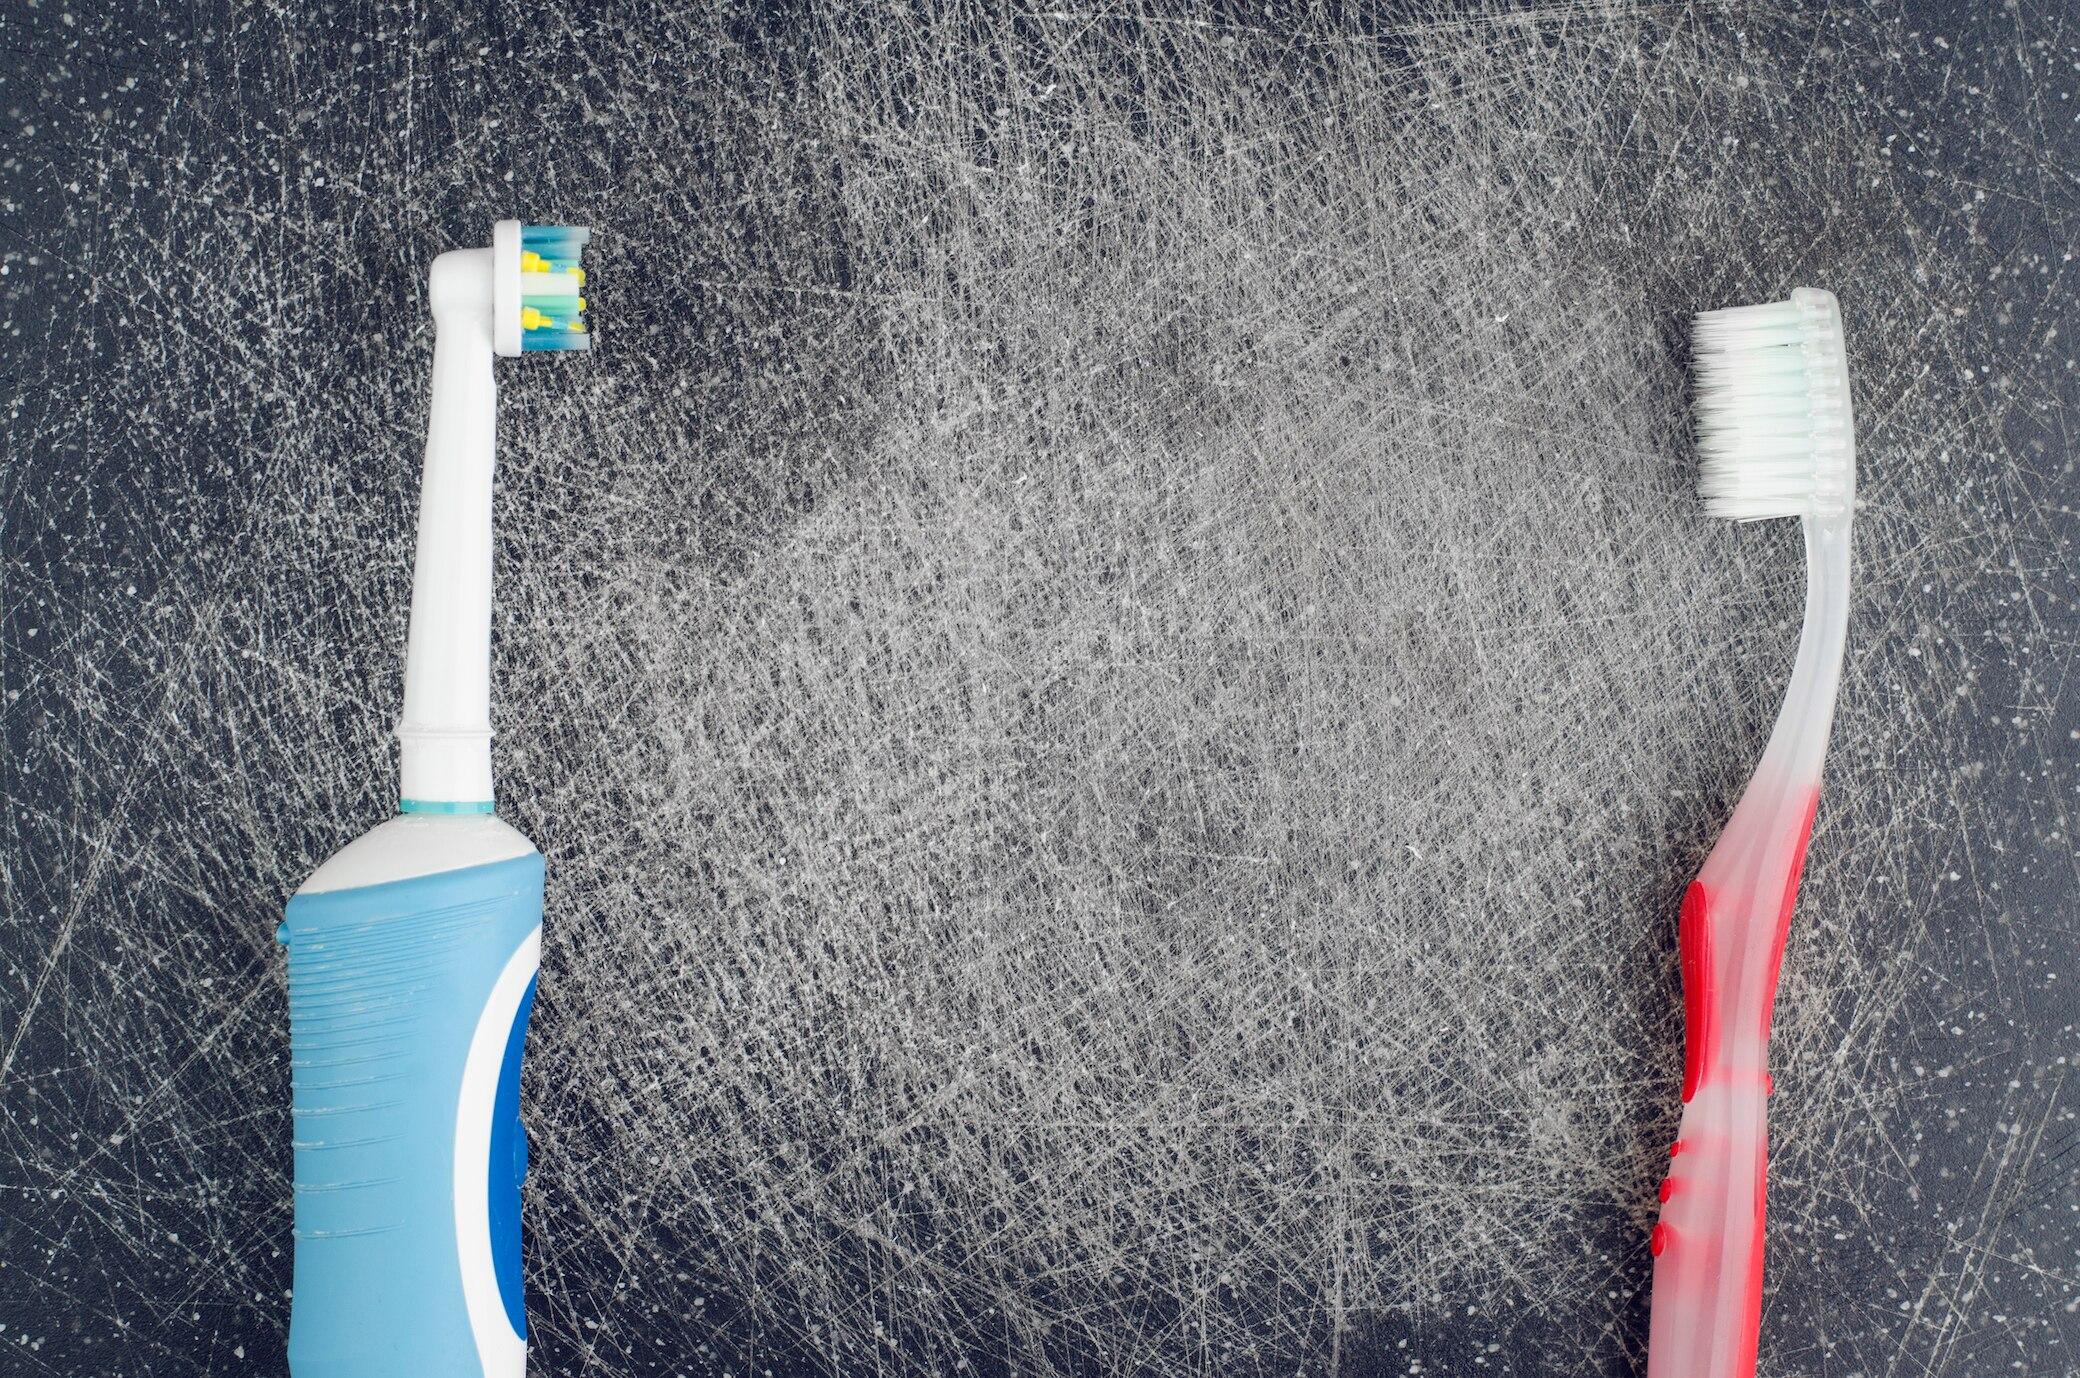 Elektrische oder Handzahnbürste – welche ist besser?